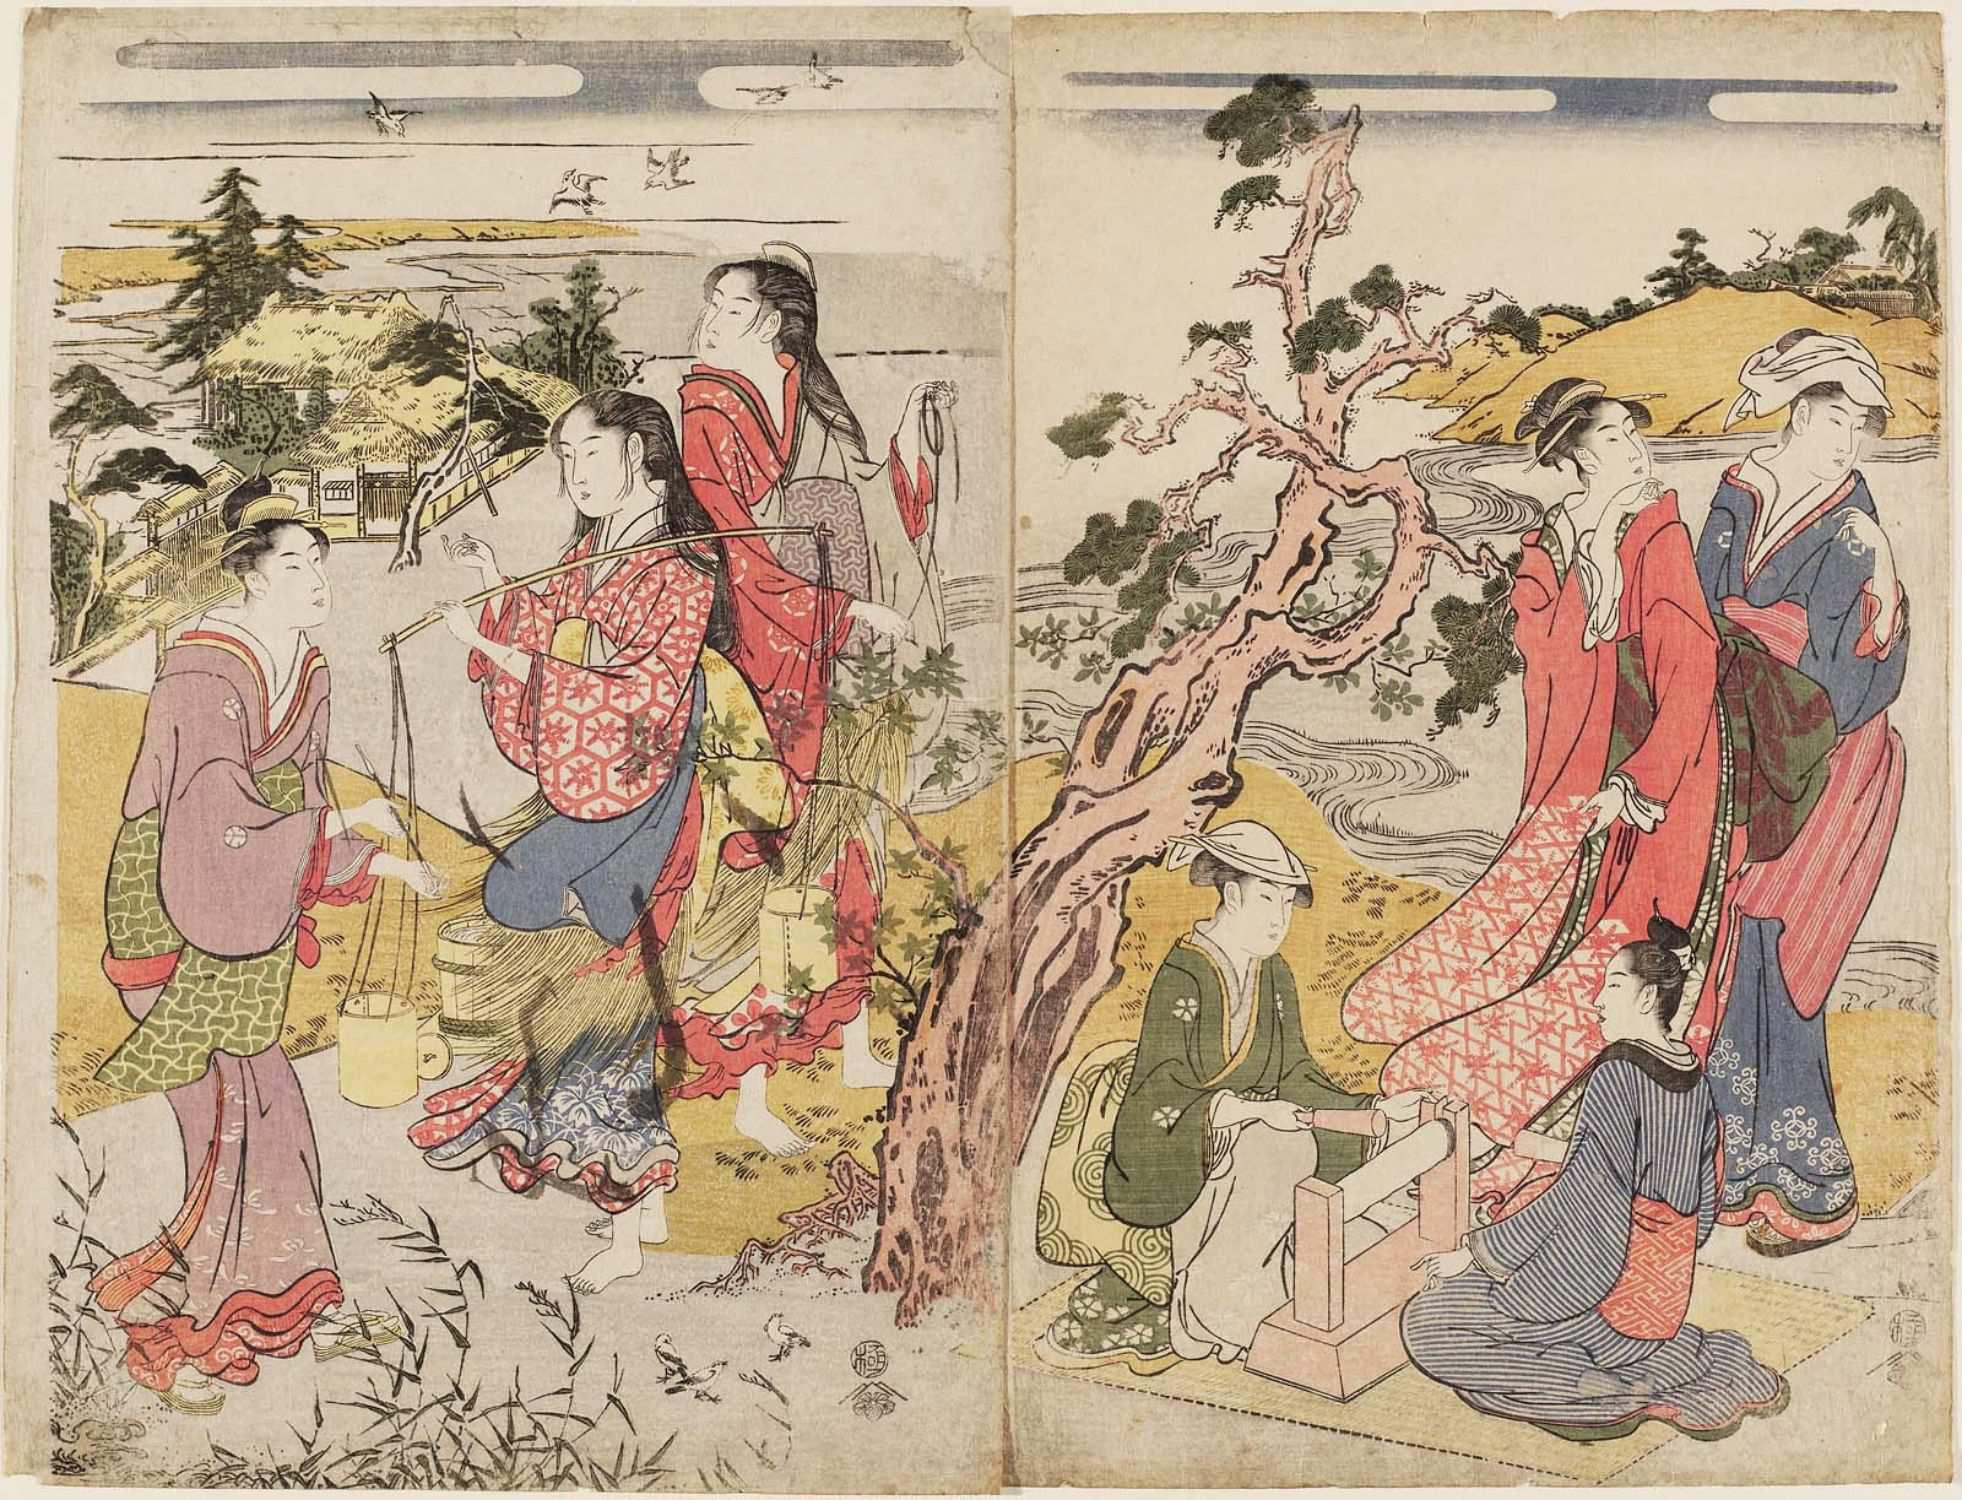 Триптих Шесть драгоценных рек__1785-1789_листы 2 и 3_390х525 мм